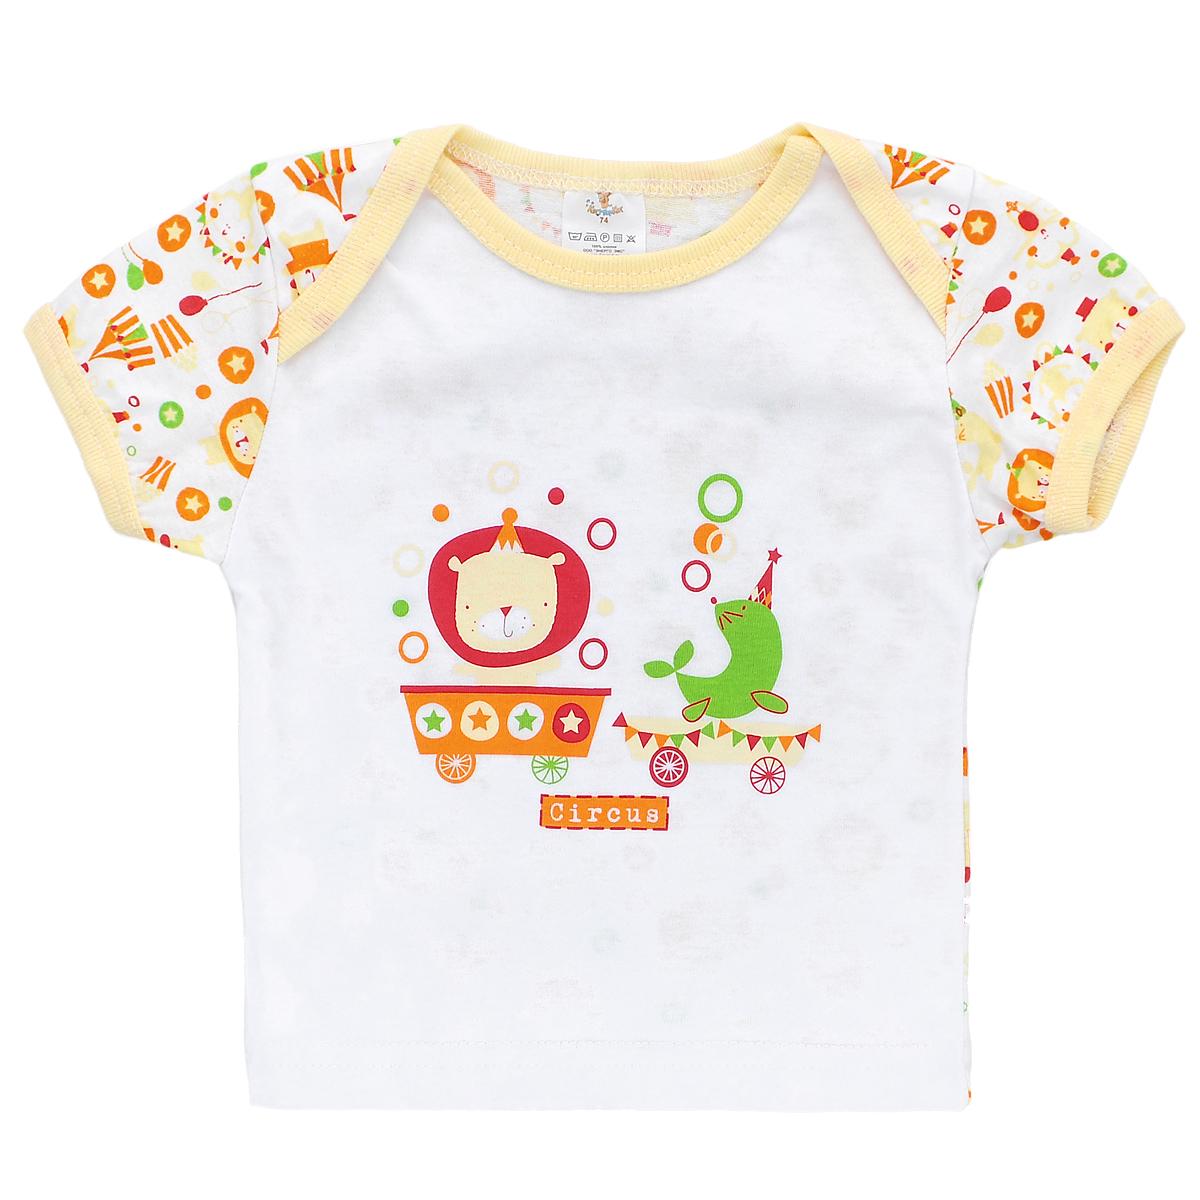 Футболка детская. 77437743Детская футболка КотМарКот для новорожденного послужит идеальным дополнением к гардеробу вашего малыша, обеспечивая ему наибольший комфорт. Изготовленная из натурального хлопка - кулирки, она необычайно мягкая и легкая, не раздражает нежную кожу ребенка и хорошо вентилируется, а эластичные швы приятны телу младенца и не препятствуют его движениям. Футболка с короткими рукавами и круглым врезом горловины имеет специальные запахи на плечах, которые позволяют без труда переодеть ребенка. На груди изделие оформлено оригинальным принтом с изображением циркового животного. Футболка полностью соответствует особенностям жизни малыша в ранний период, не стесняя и не ограничивая его в движениях.